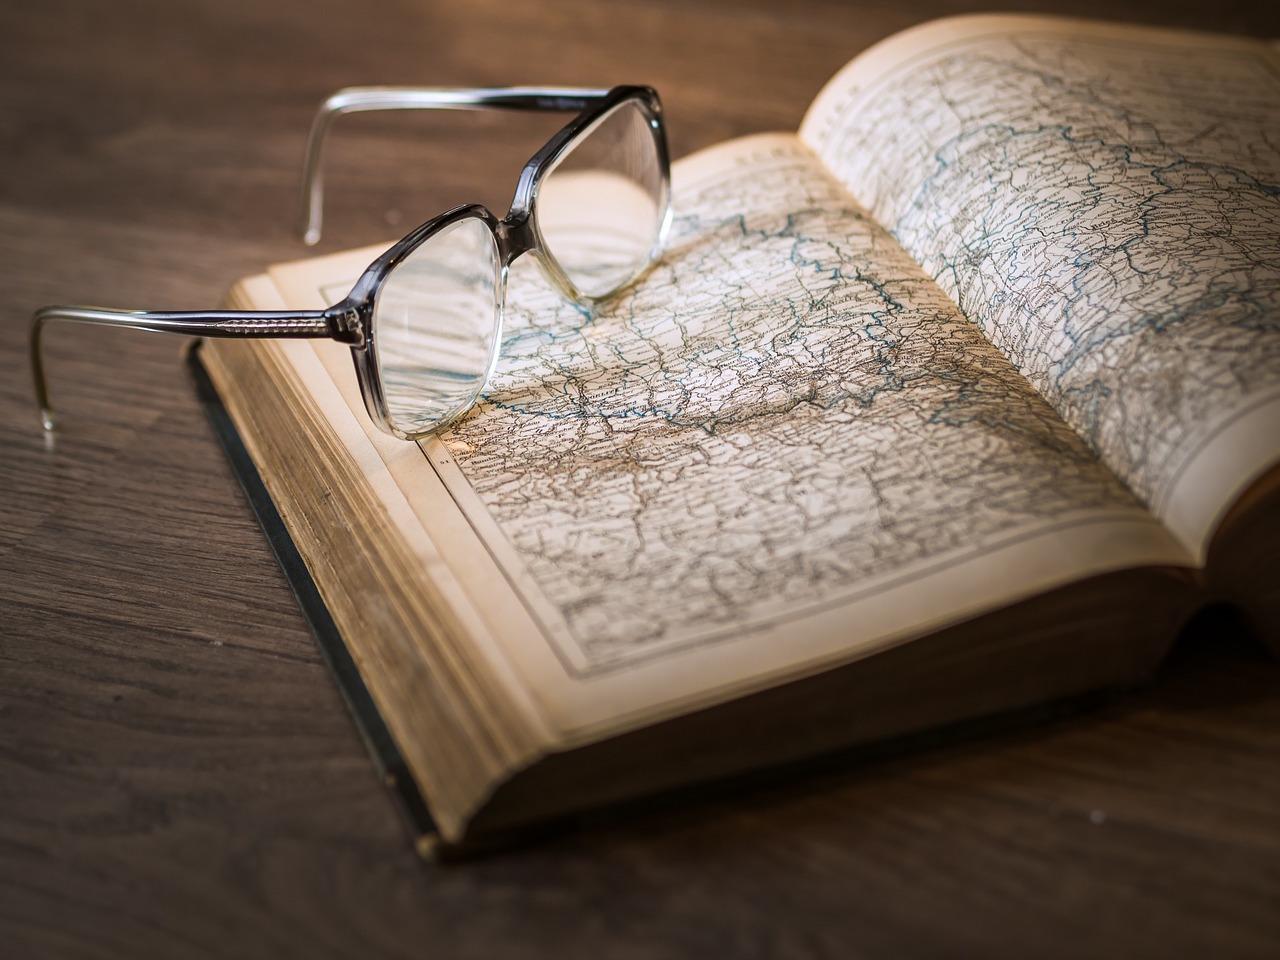 Un livre ouvert avec des lunettes posées dessus